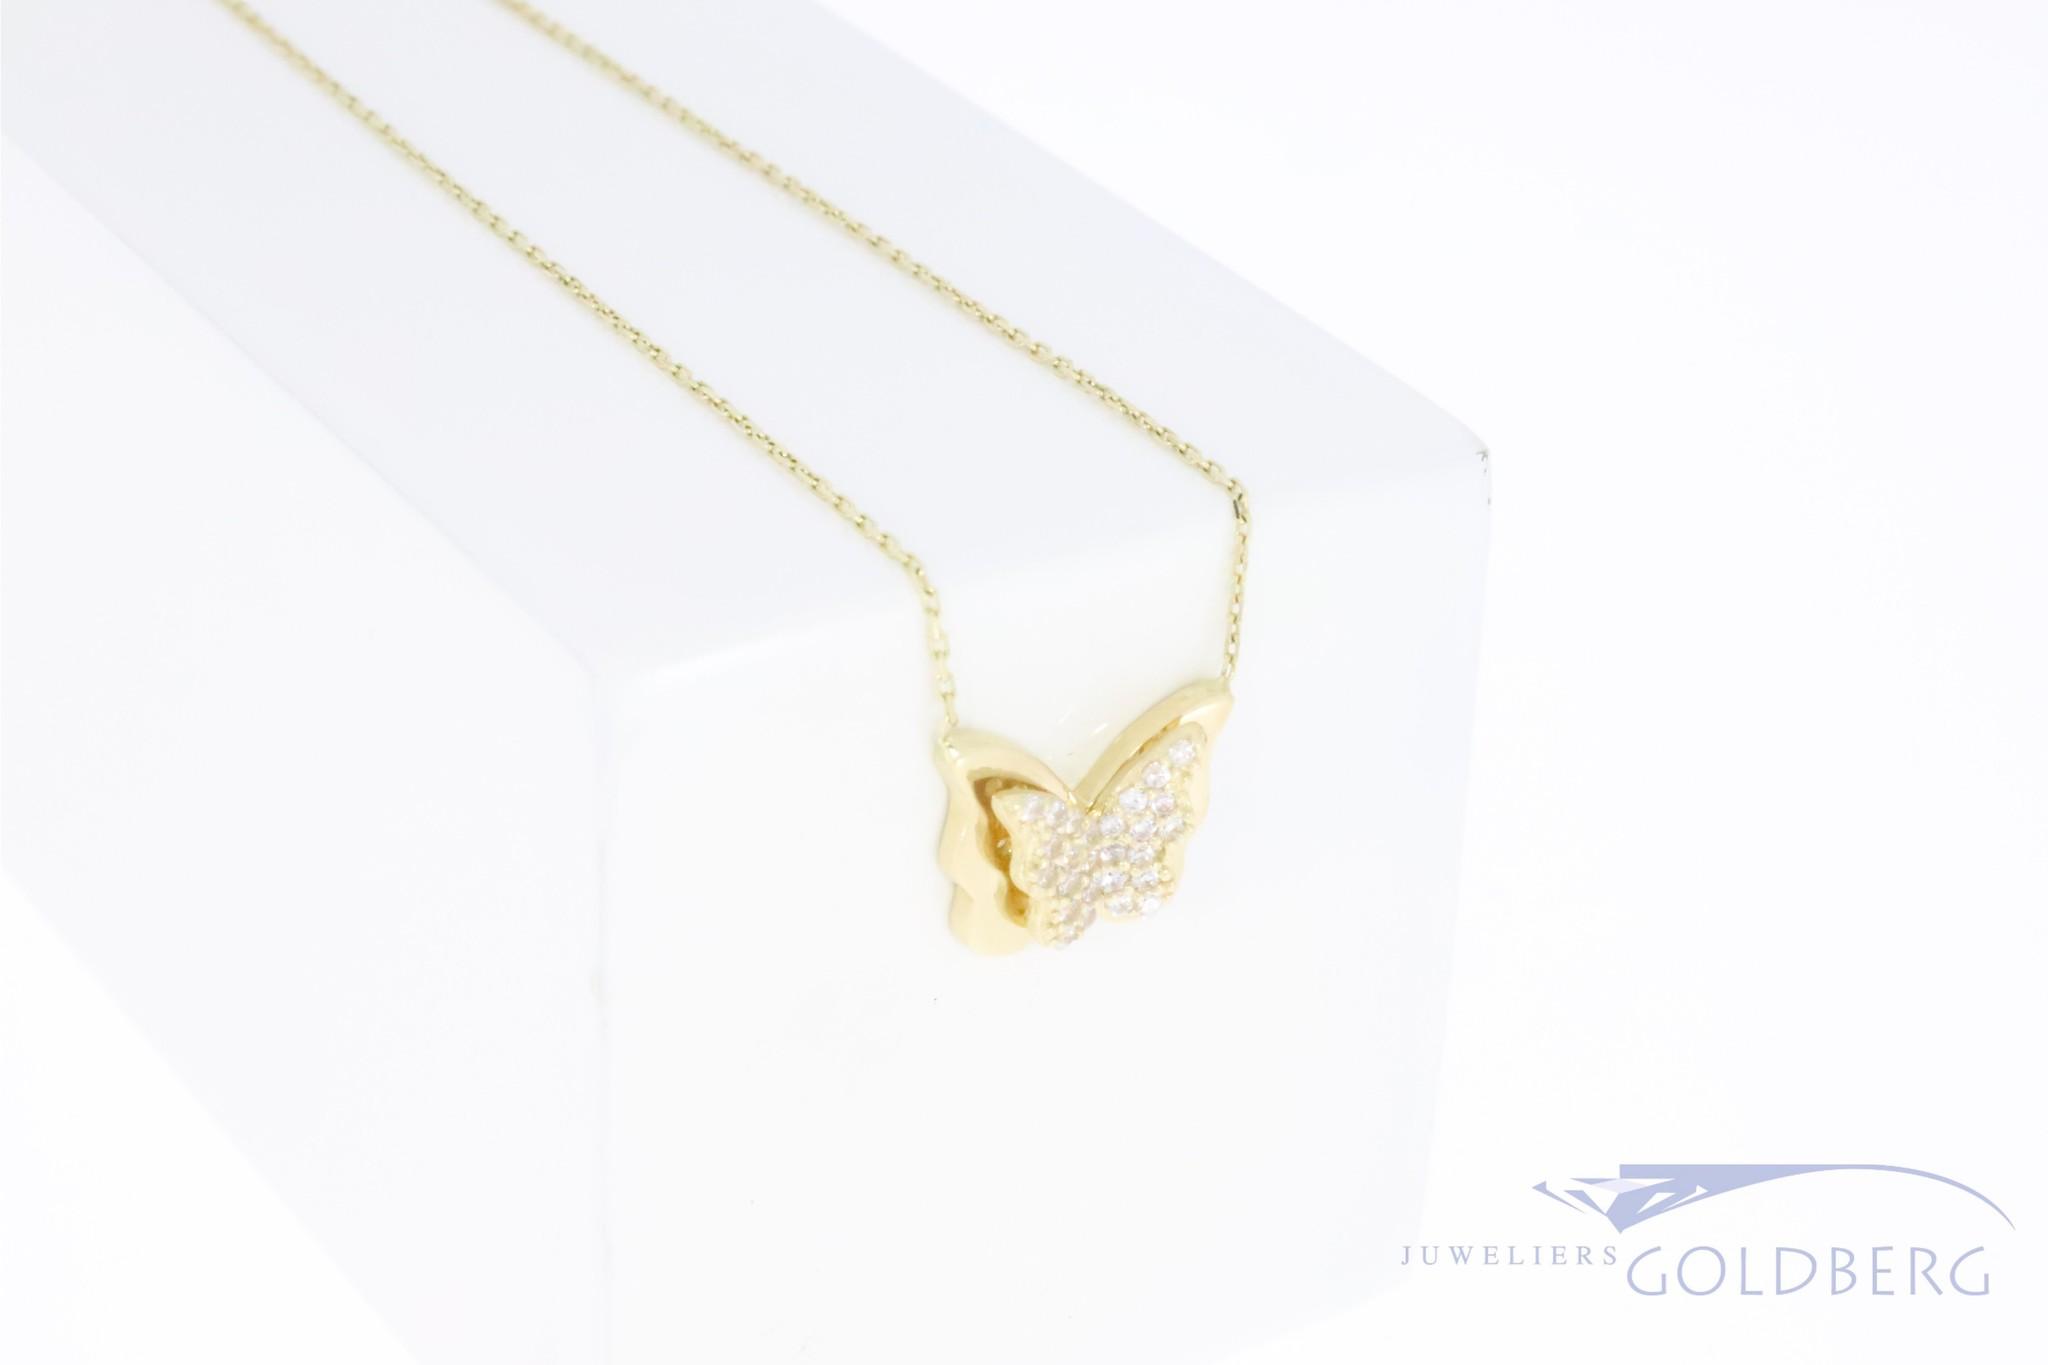 14k gouden vlindertje met zirconia aan ketting